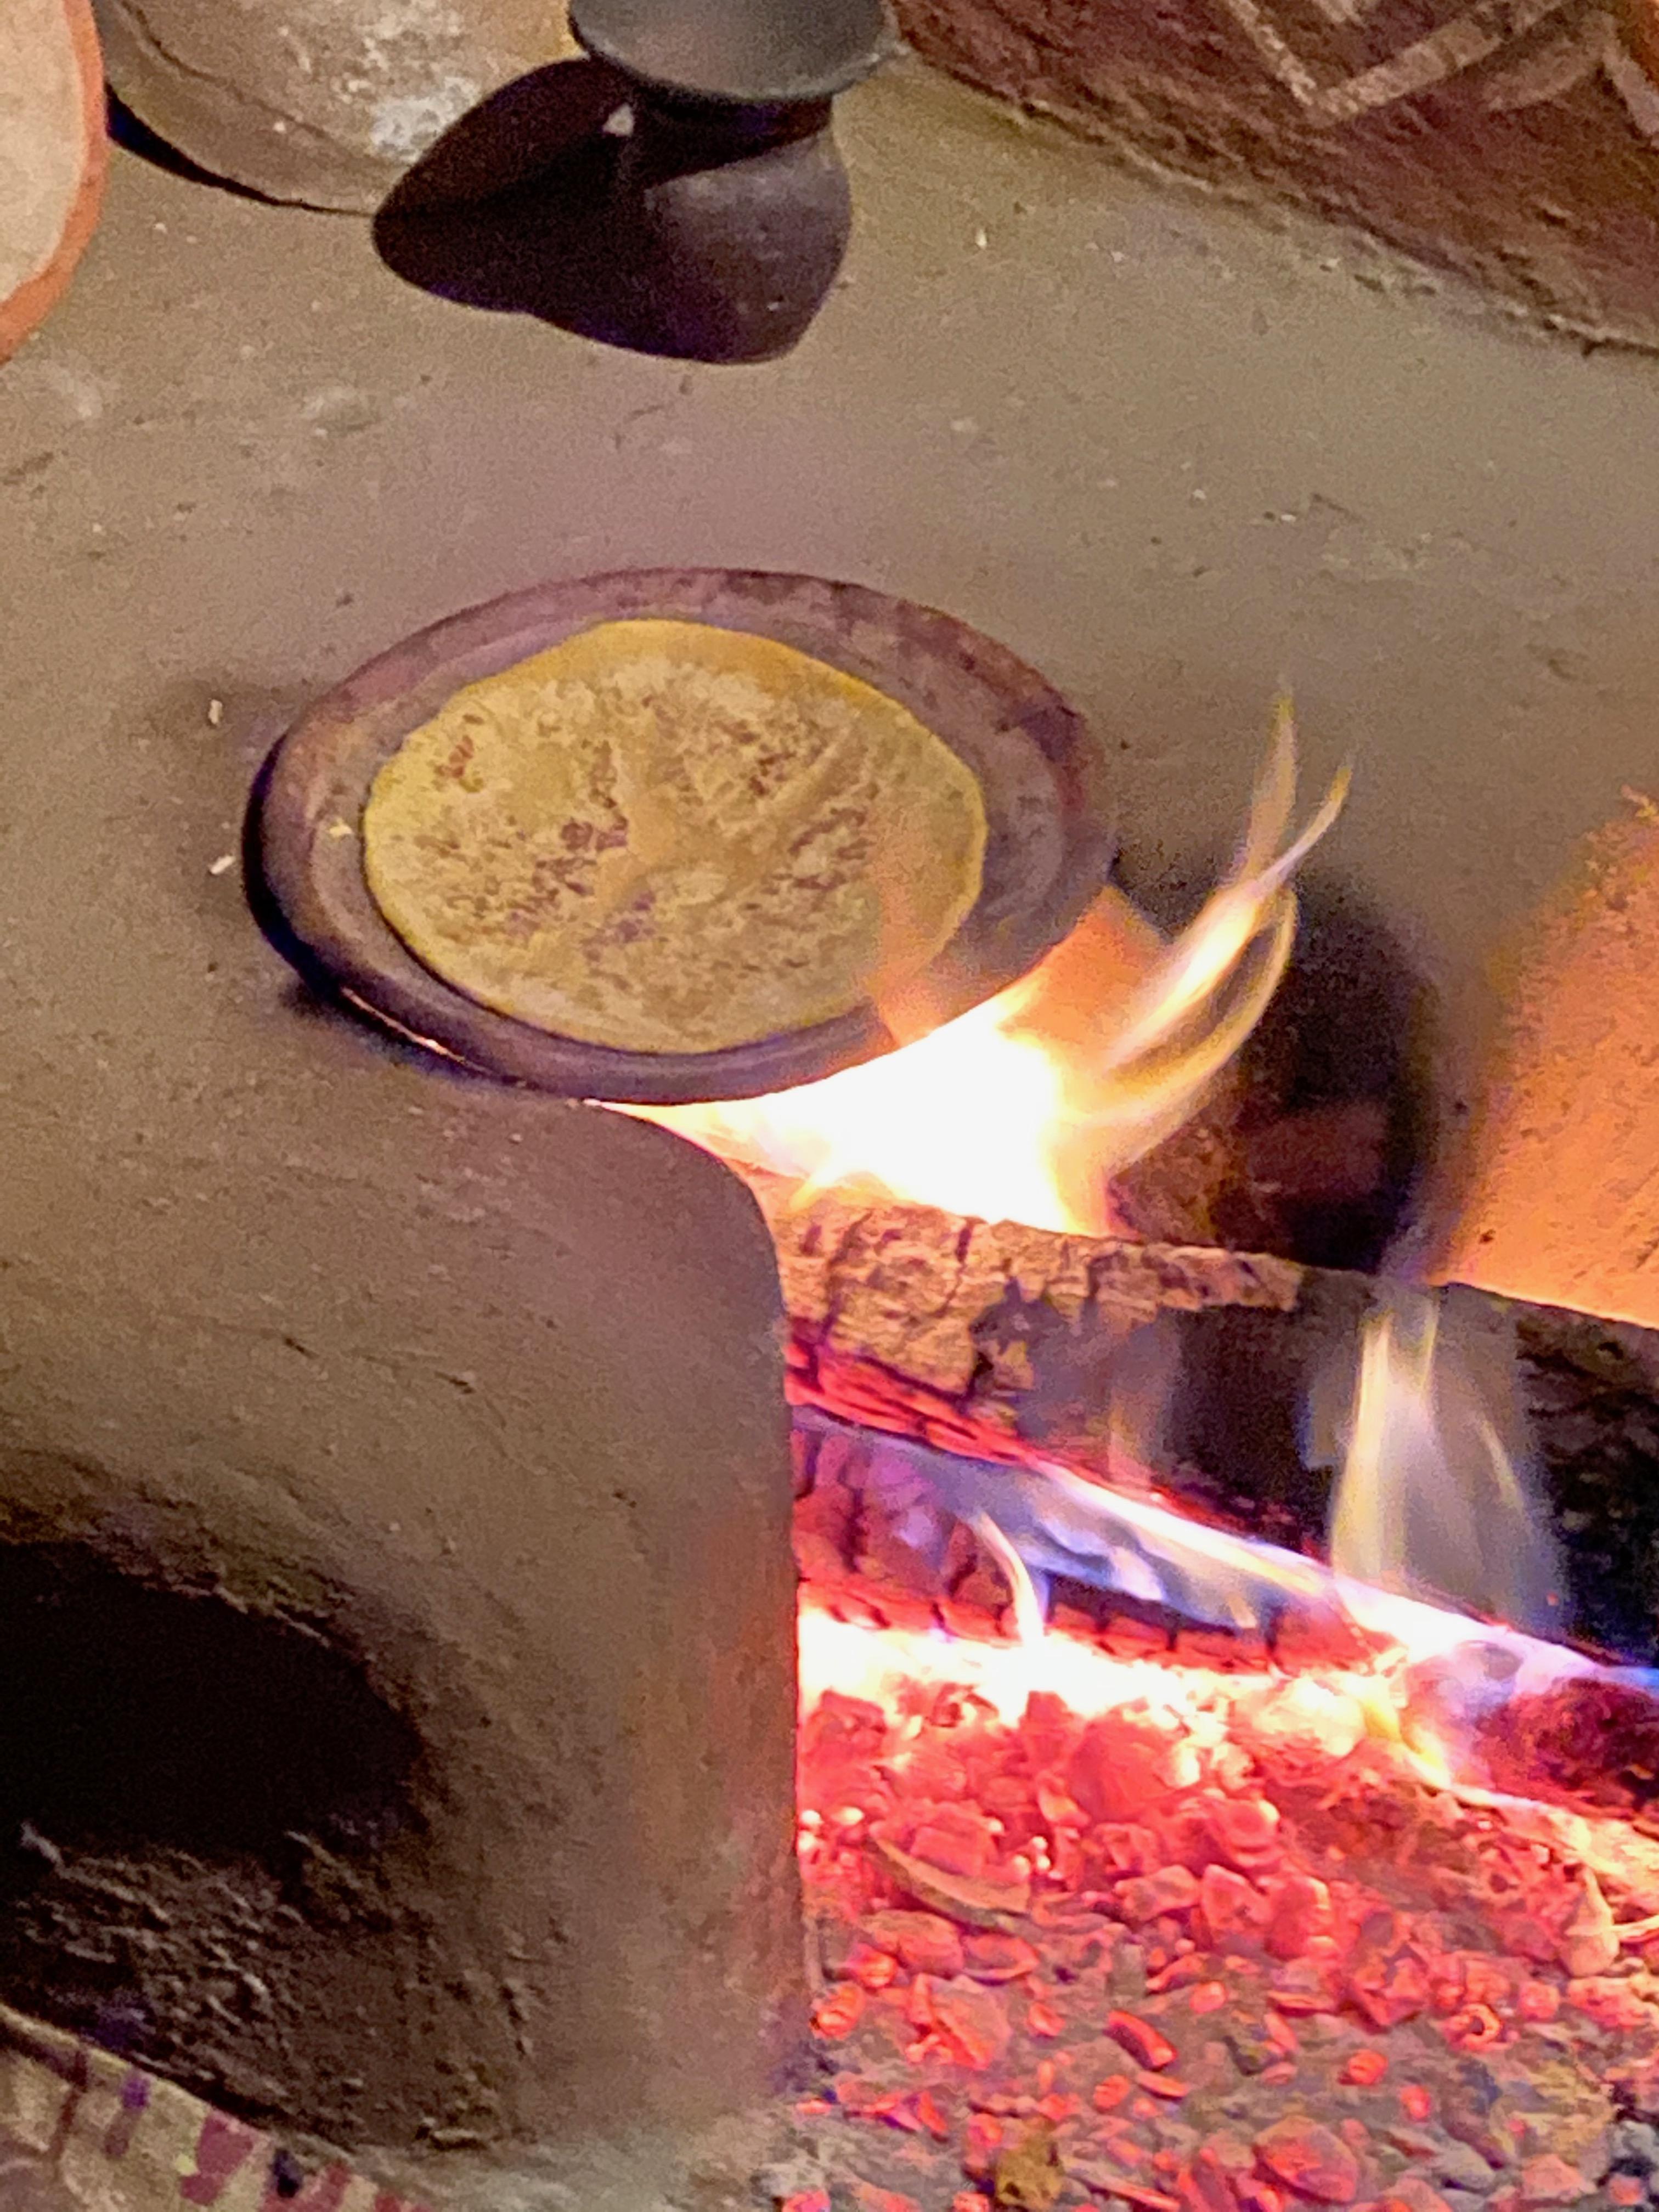 Chokhi Dhani Jaipur | Your Food Fantasy